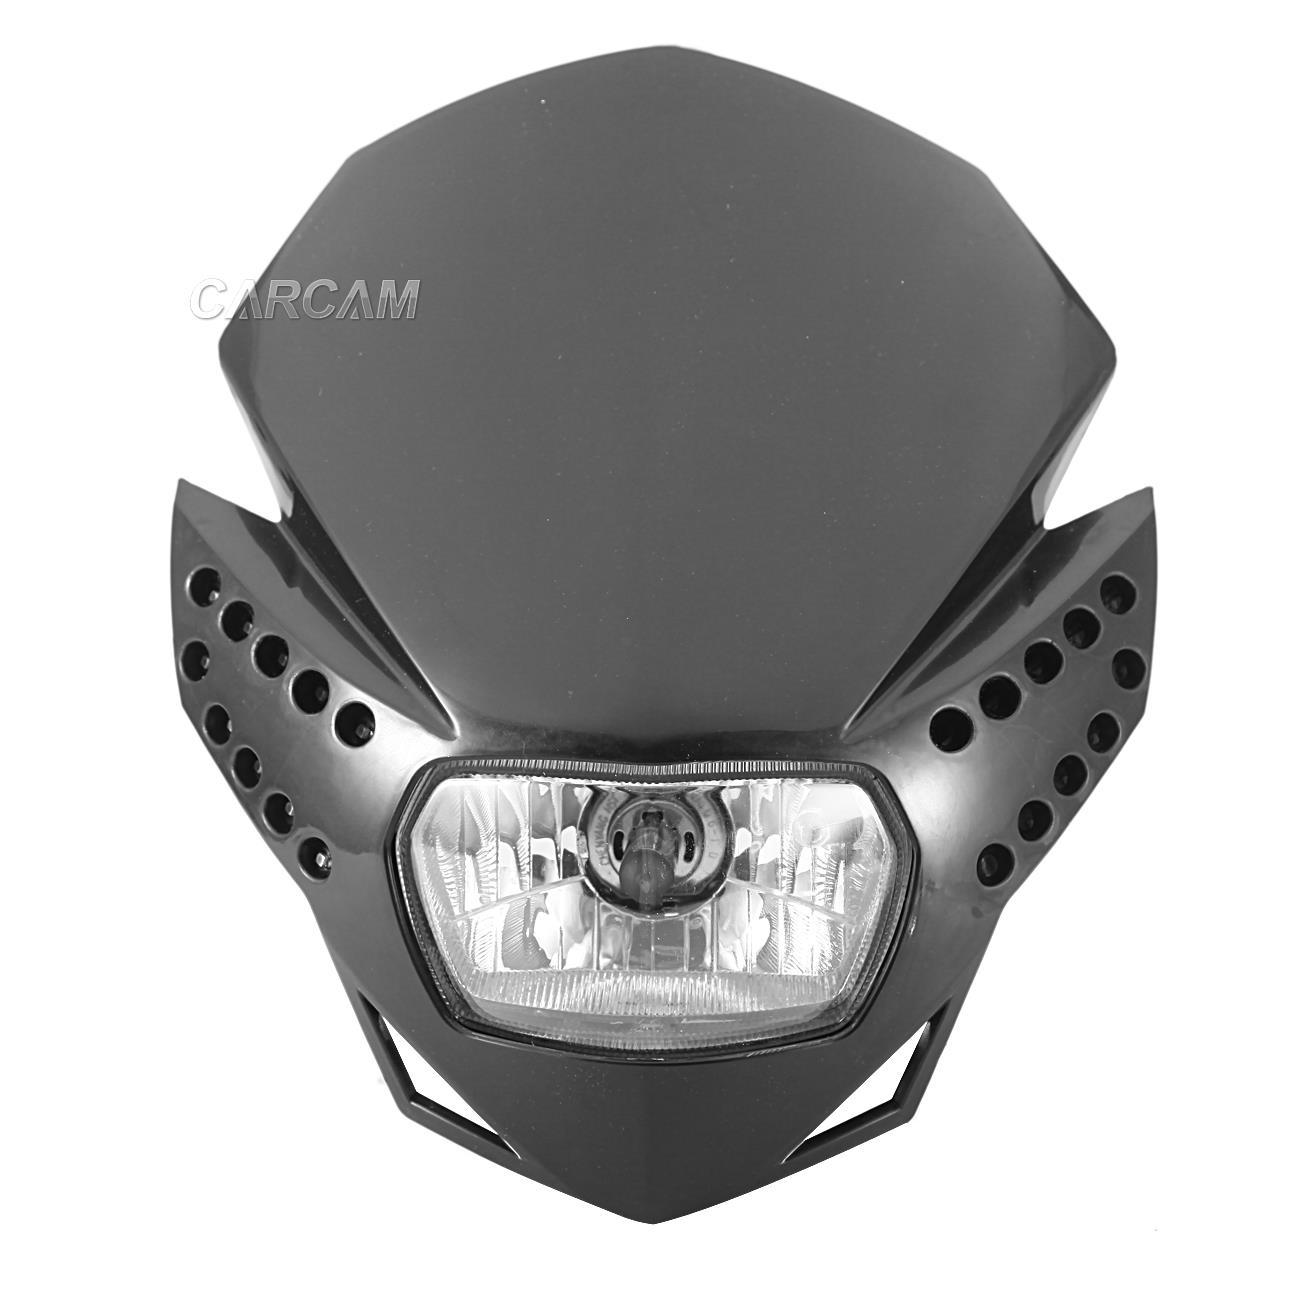 Black Led Headlight Fairing For Ktm Exc Mxc 250 400 450 520 525 Sx Smr Supermoto Ebay